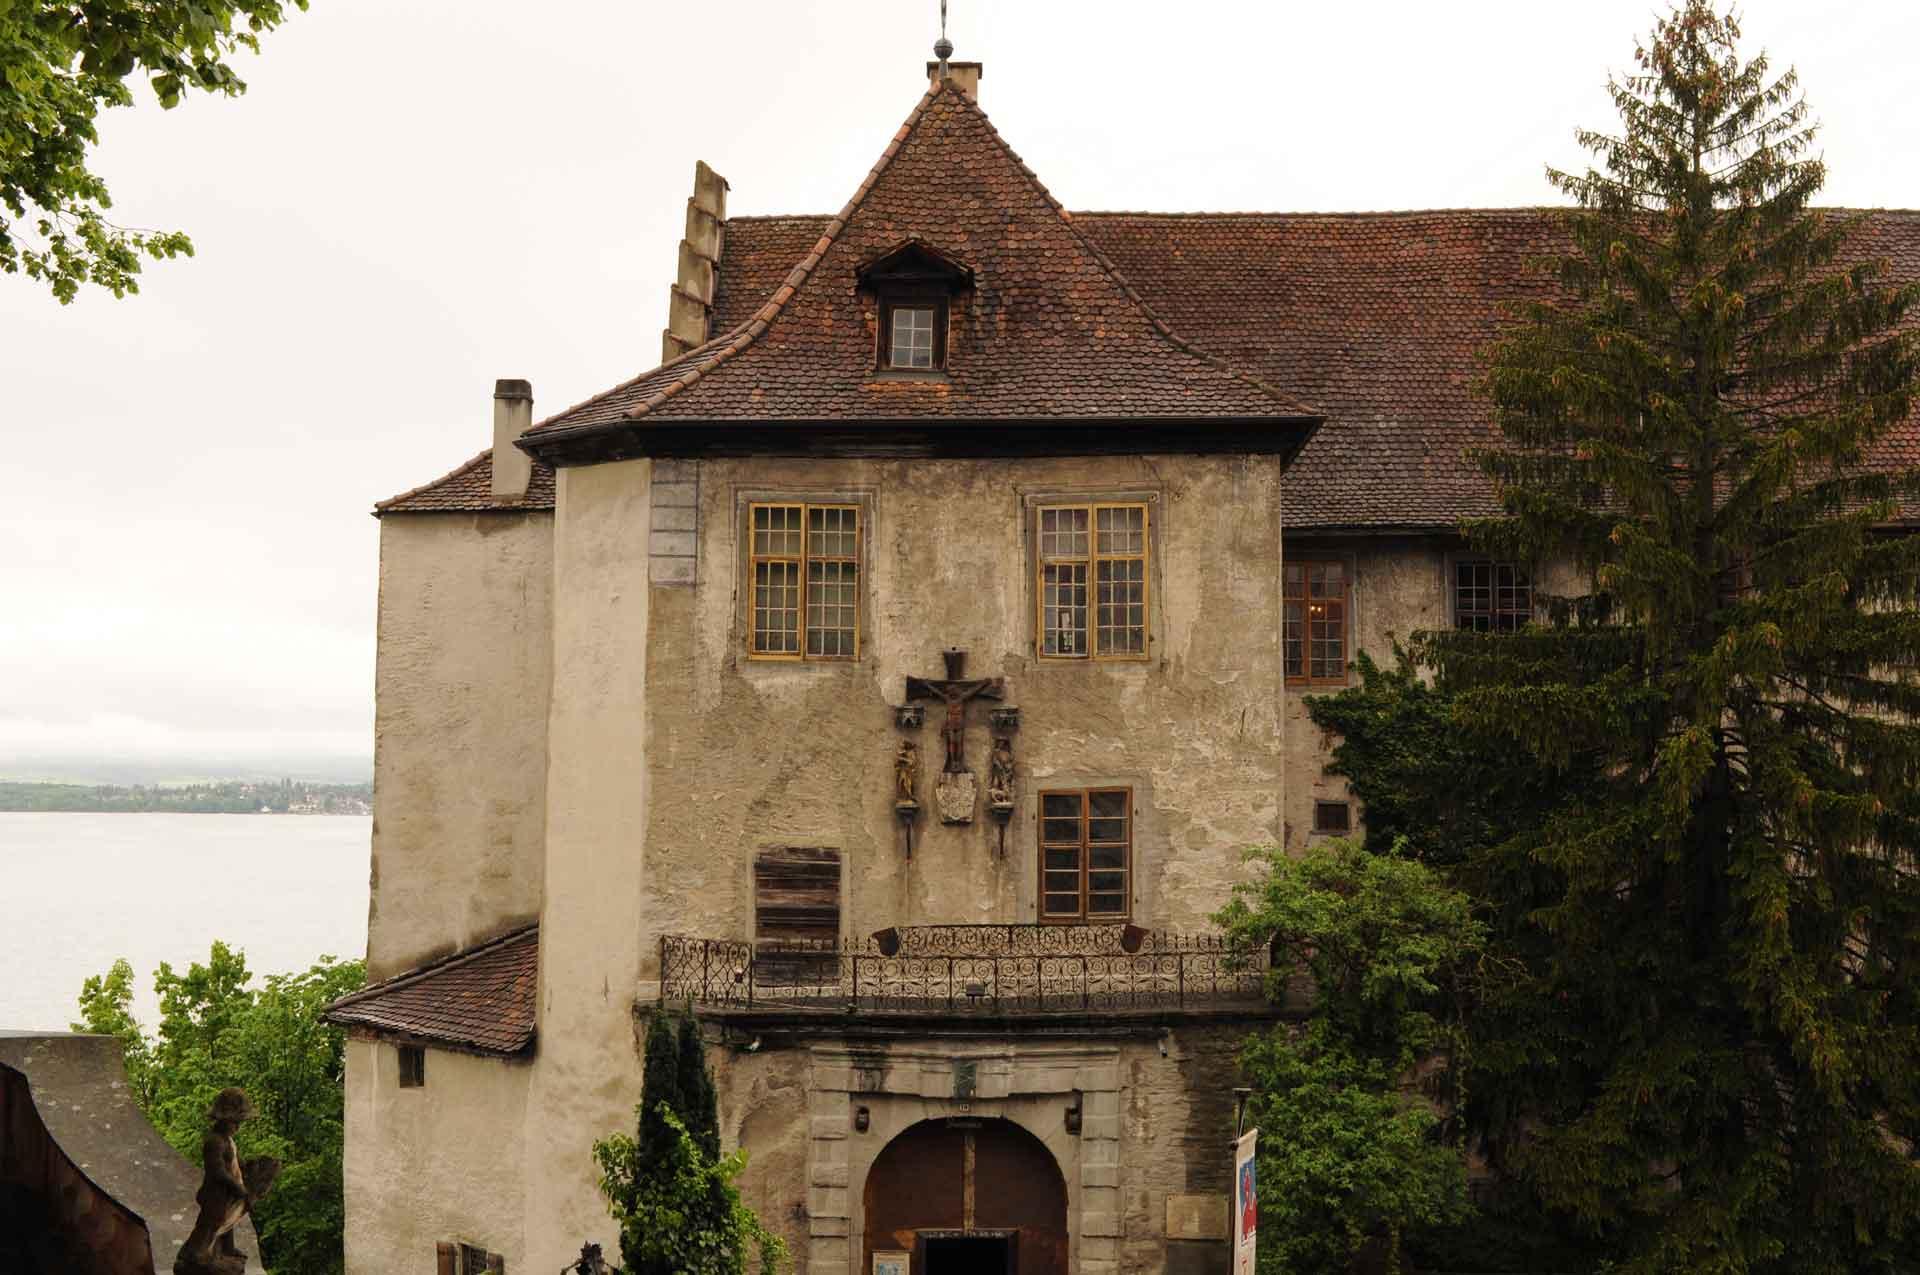 Die 1.400 Jahre alte Burg Meersburg - Die beste Ritterburg 1